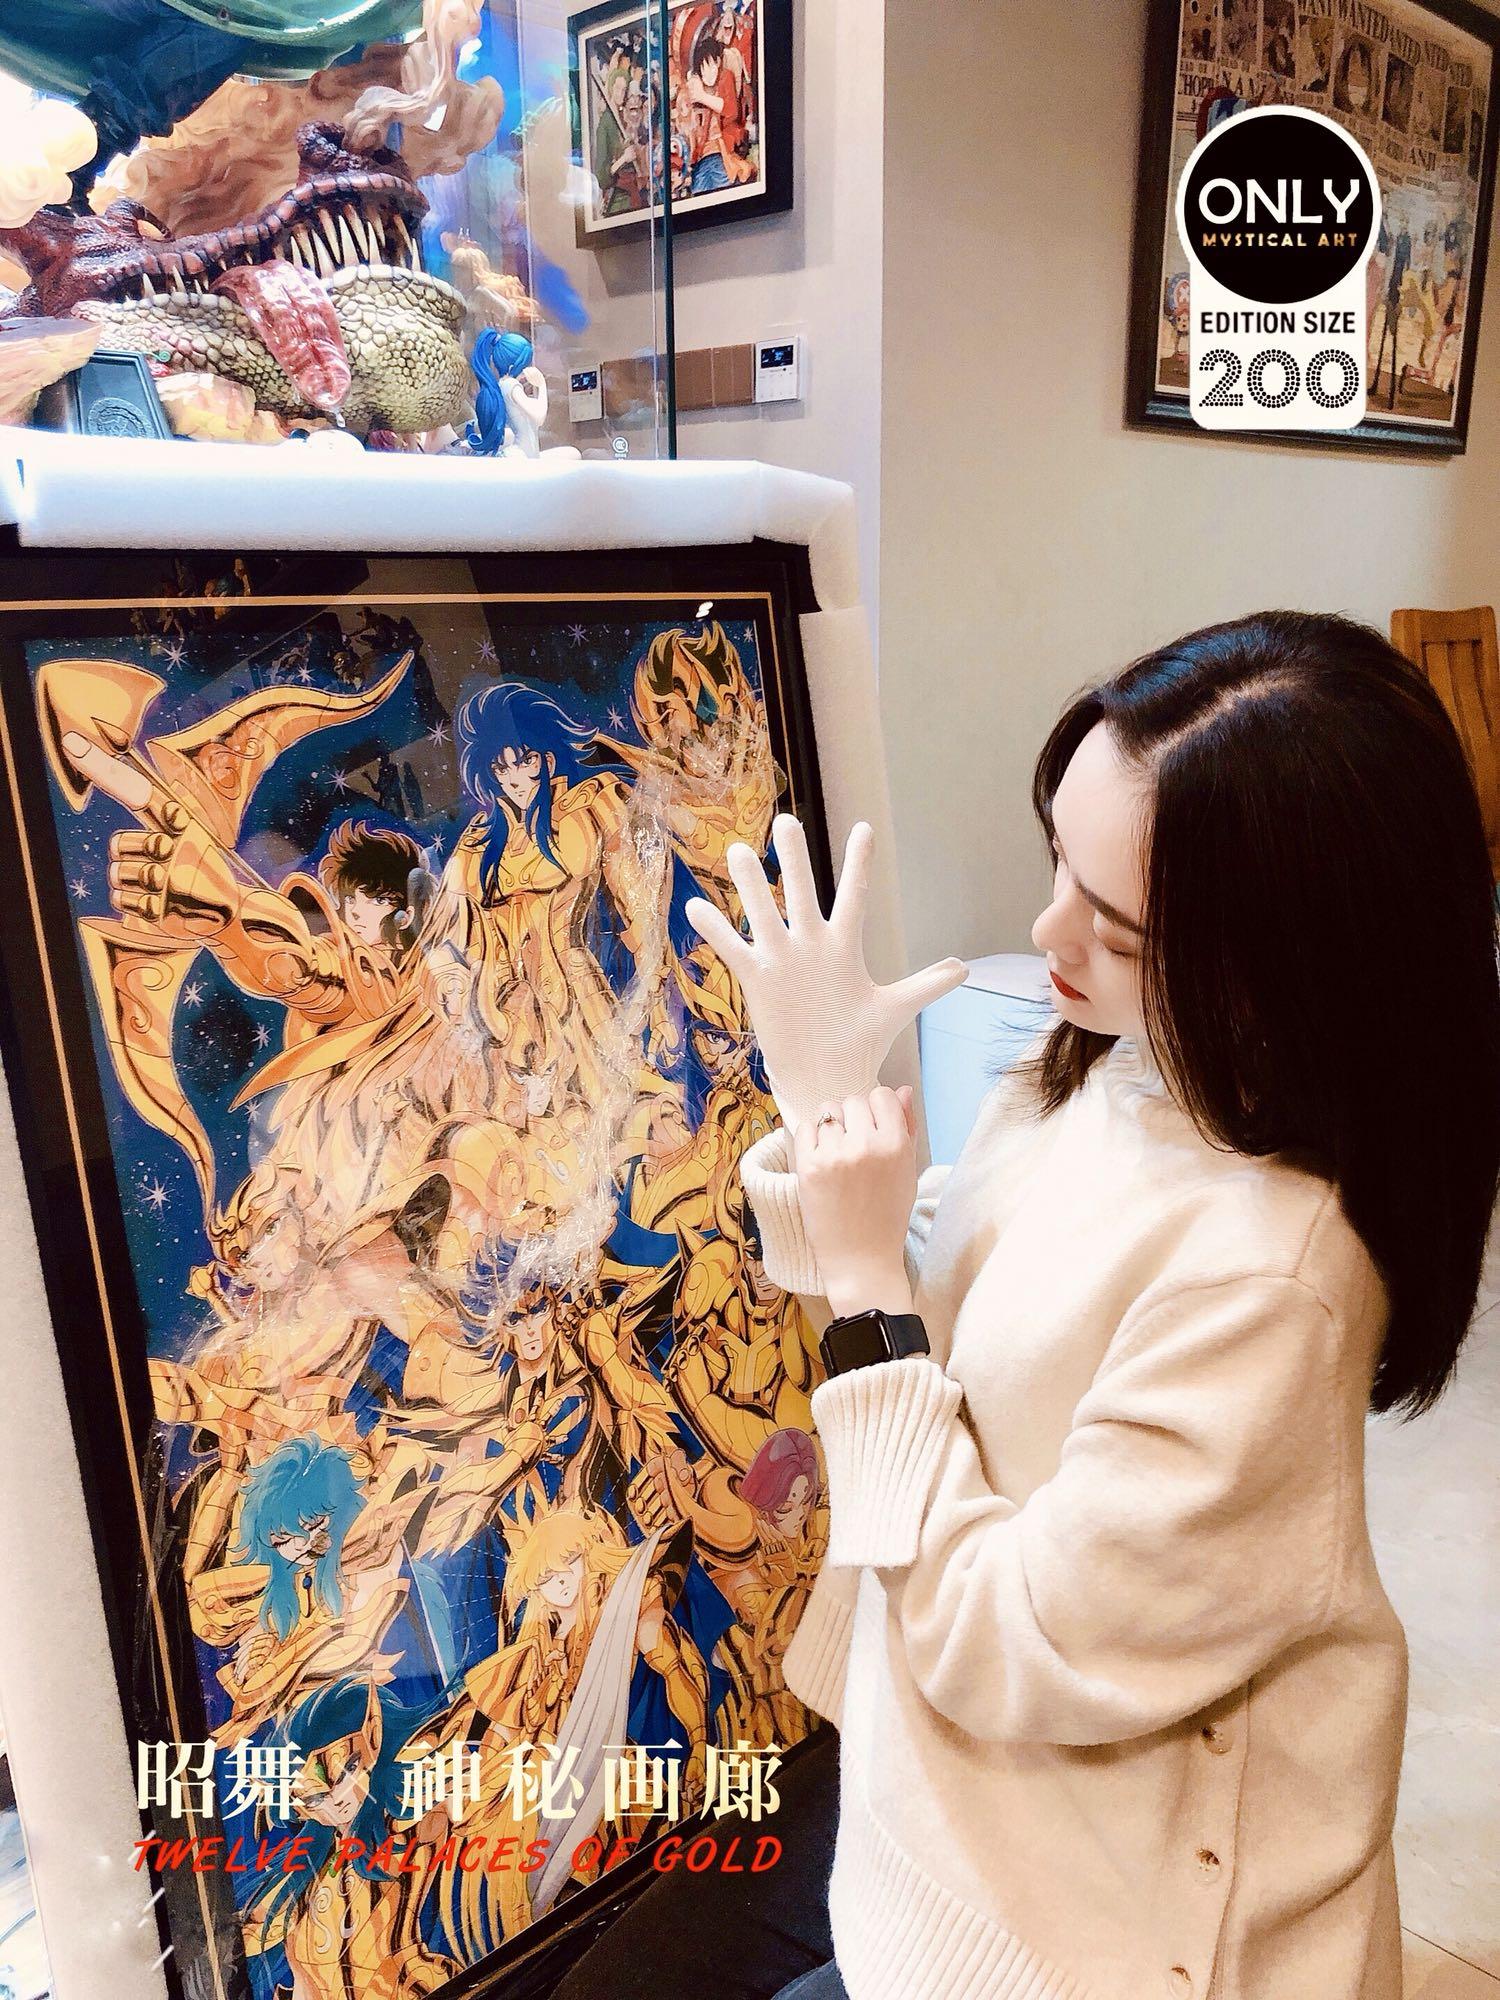 昭舞*神秘画廊 圣衣神话 黄金圣斗士 十二宫 圣斗士星矢 预售